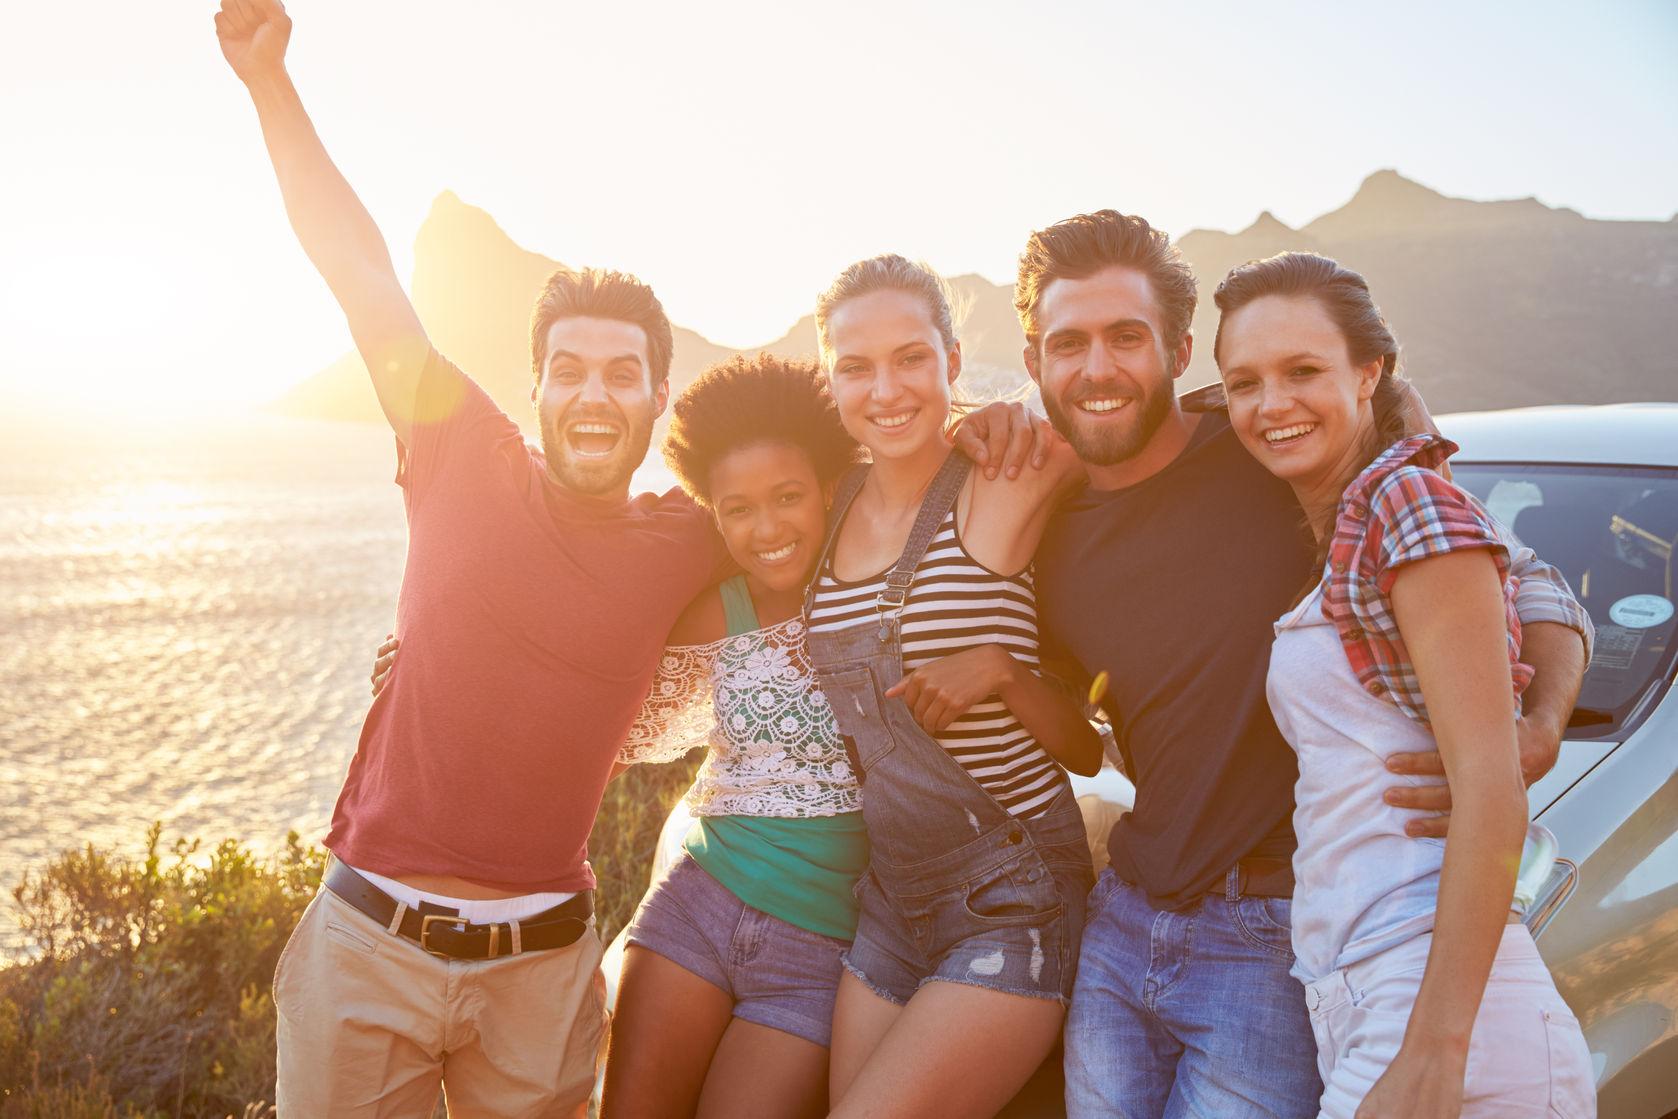 Gap Year jeunes heureux à l'aventure au bord de mer